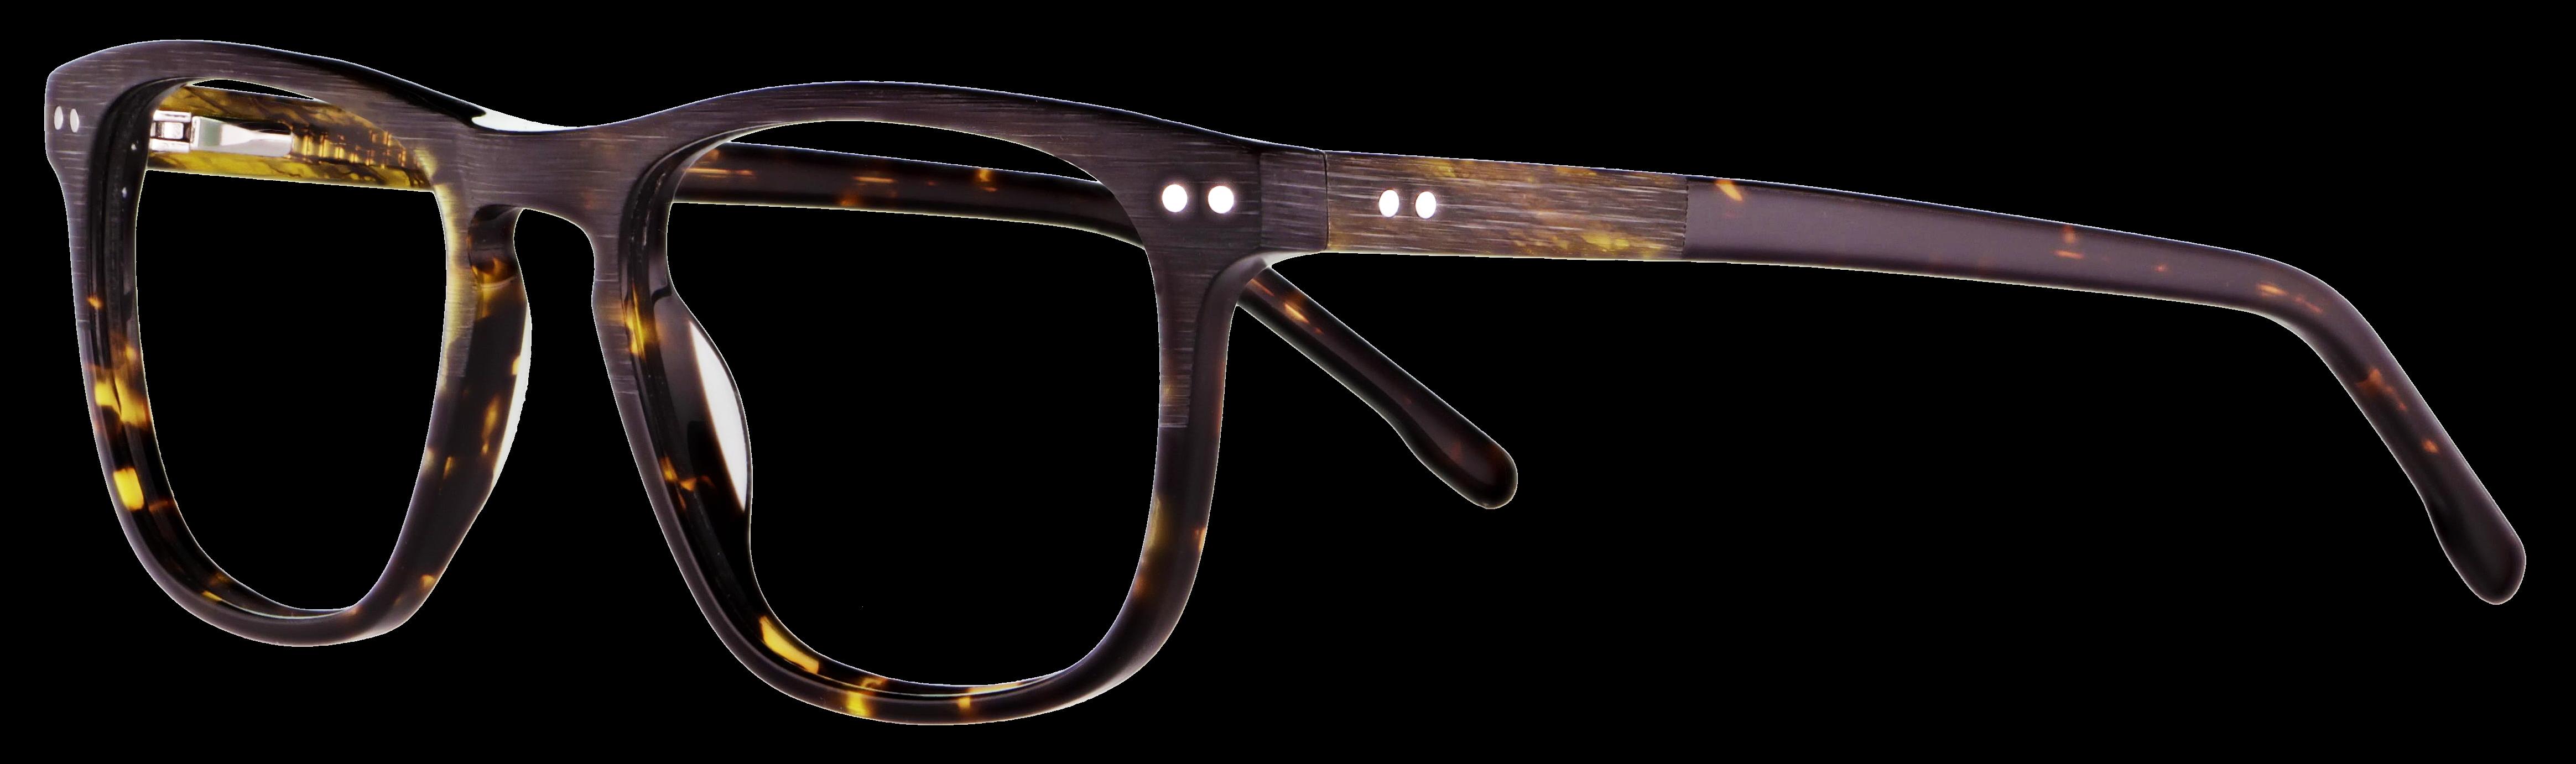 abele optik Brille 140391